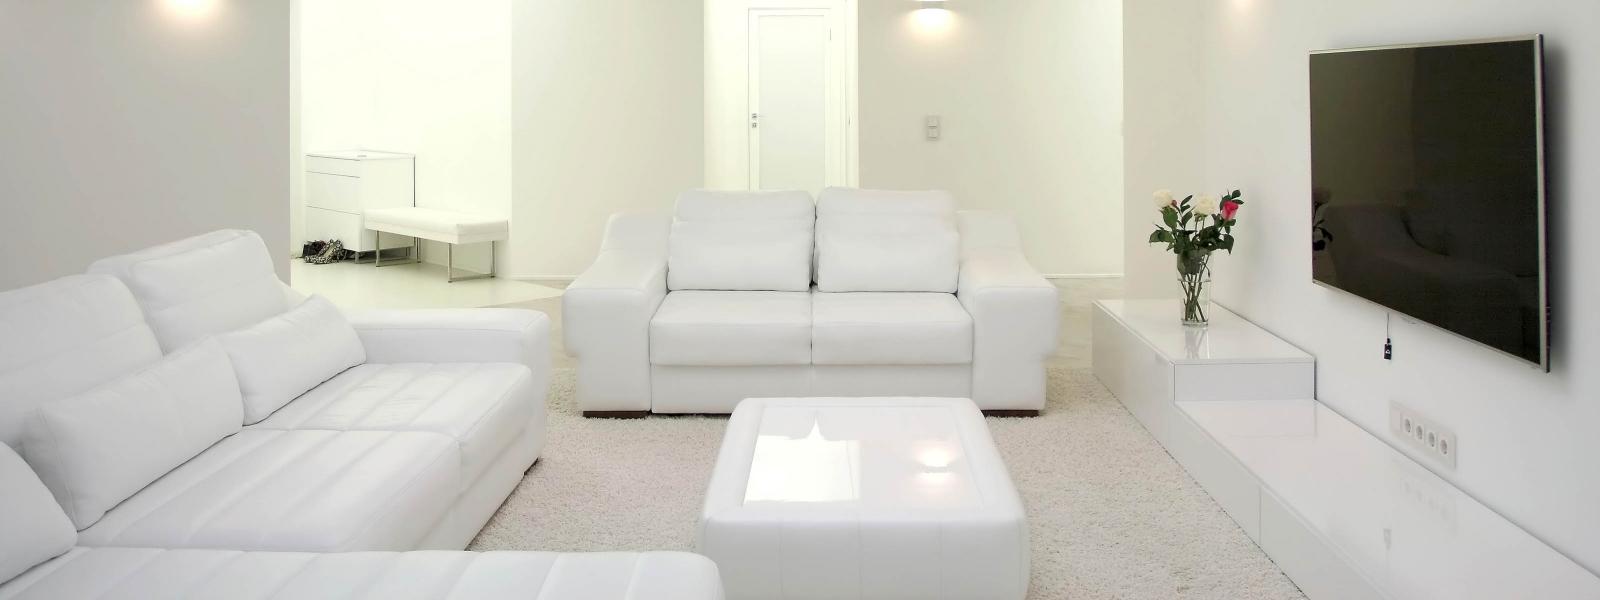 work-Три белых квартиры